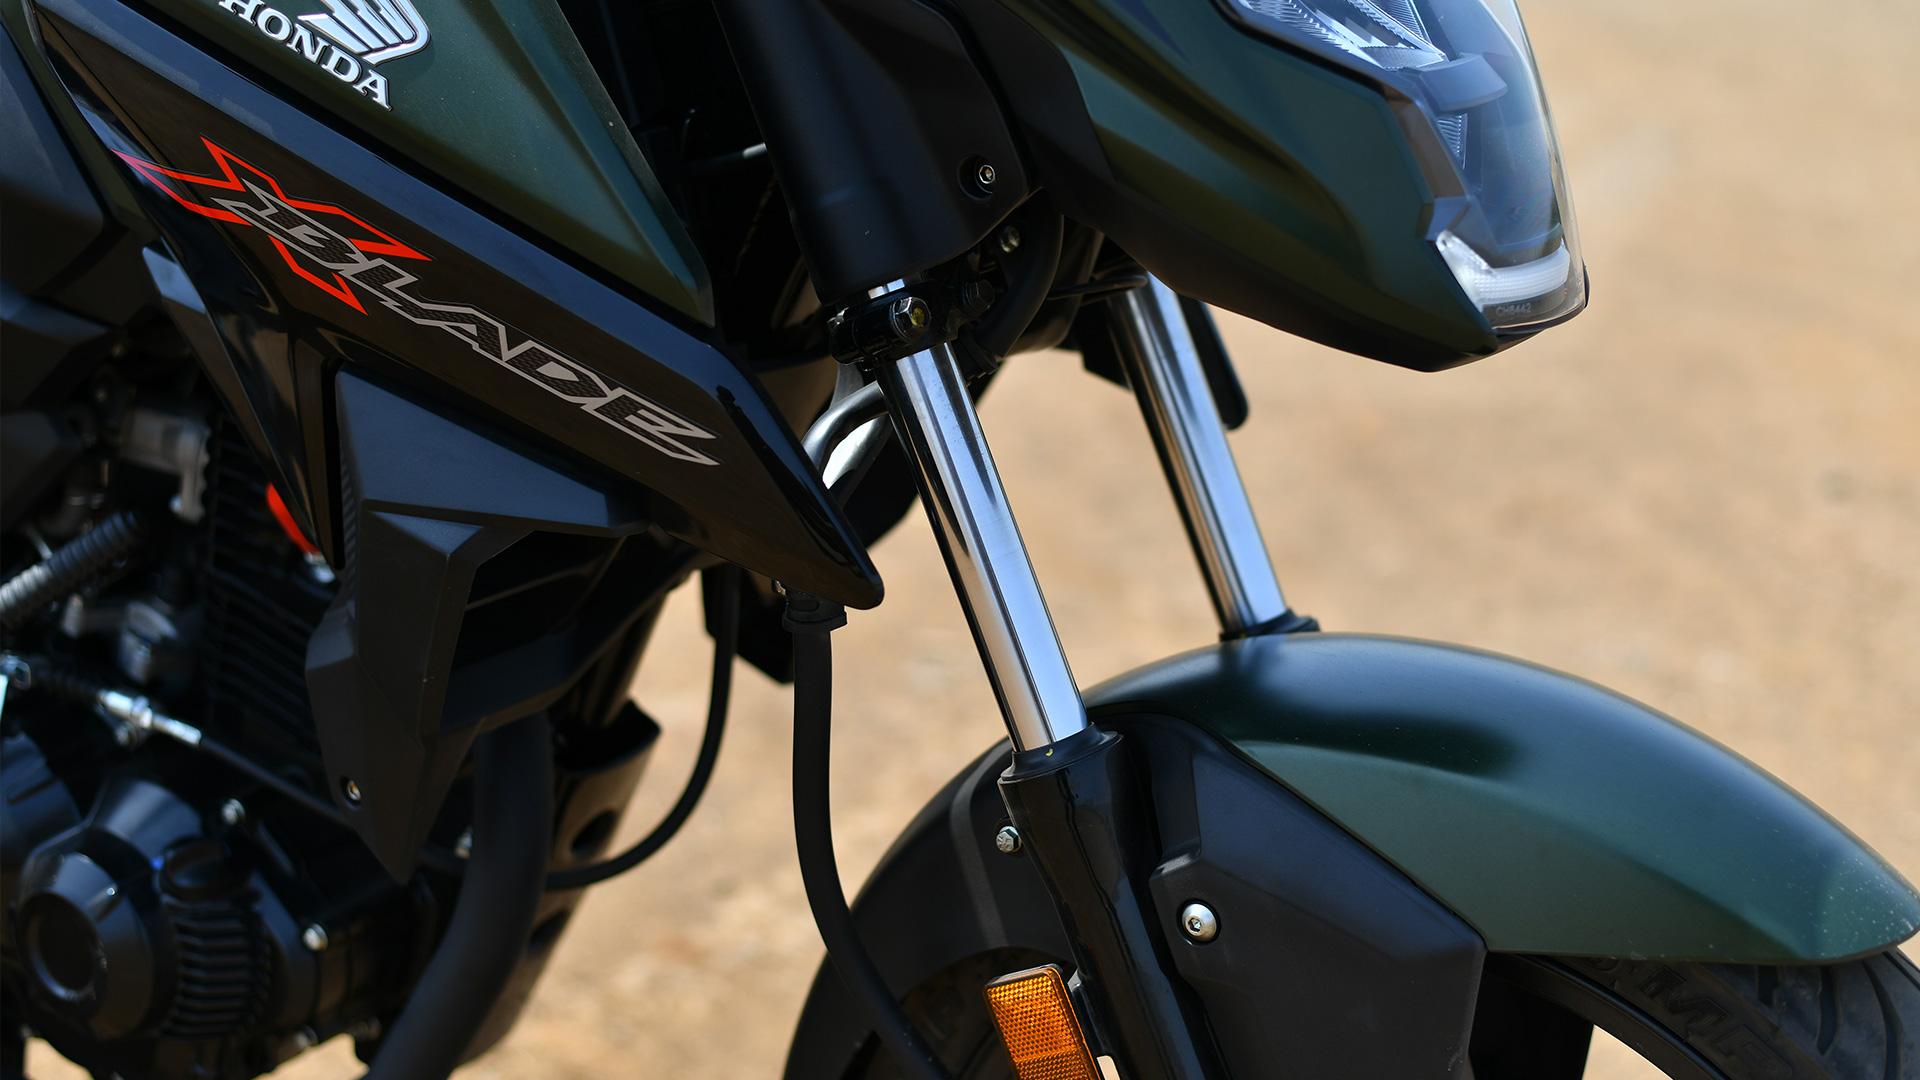 Honda X Blade 2018 Price Mileage Reviews